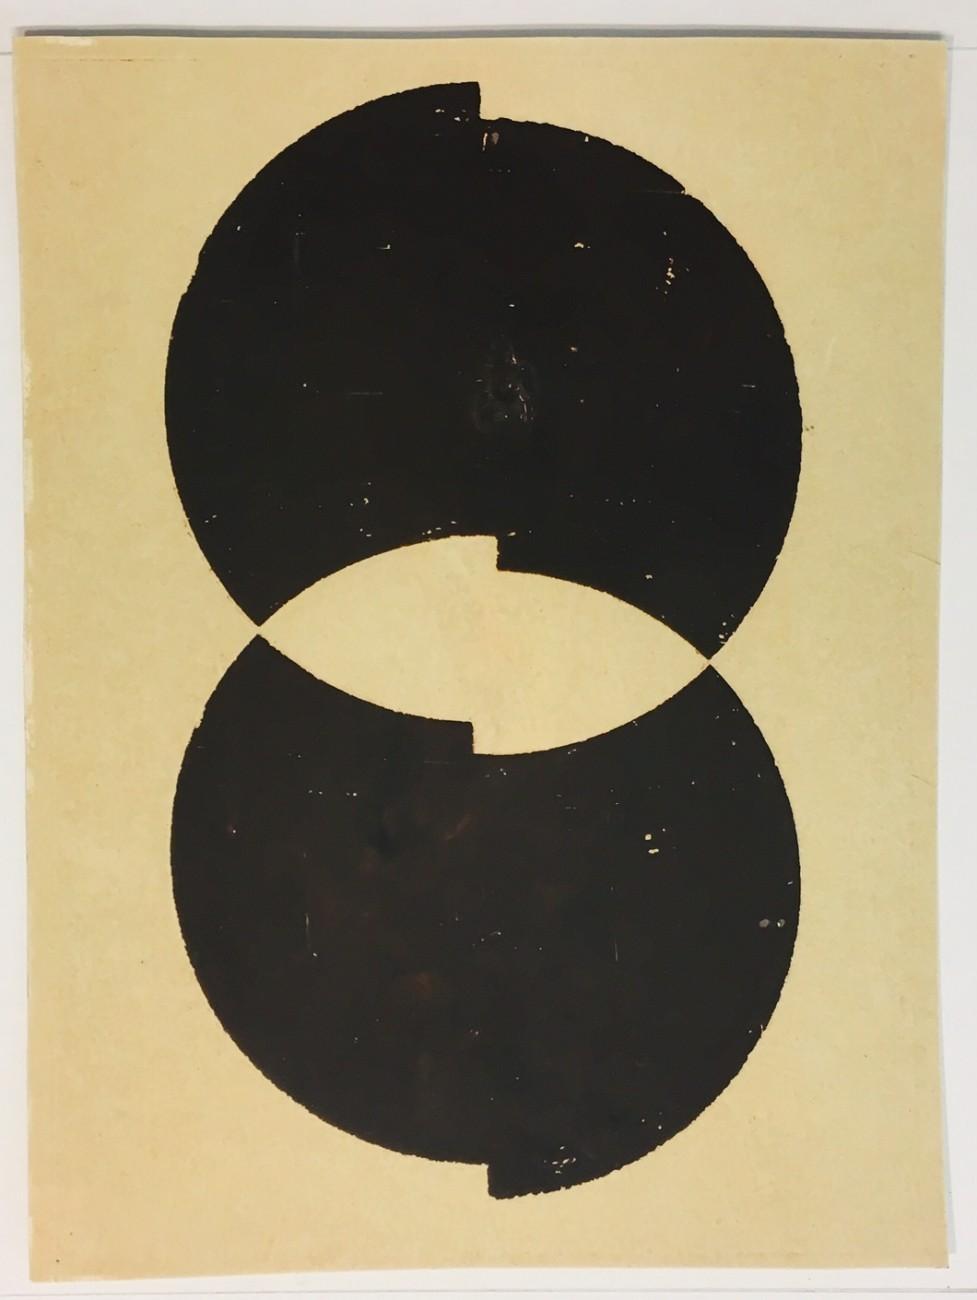 Doble-circulo-11-23x17cm-oleo-s-papel-IMG6331